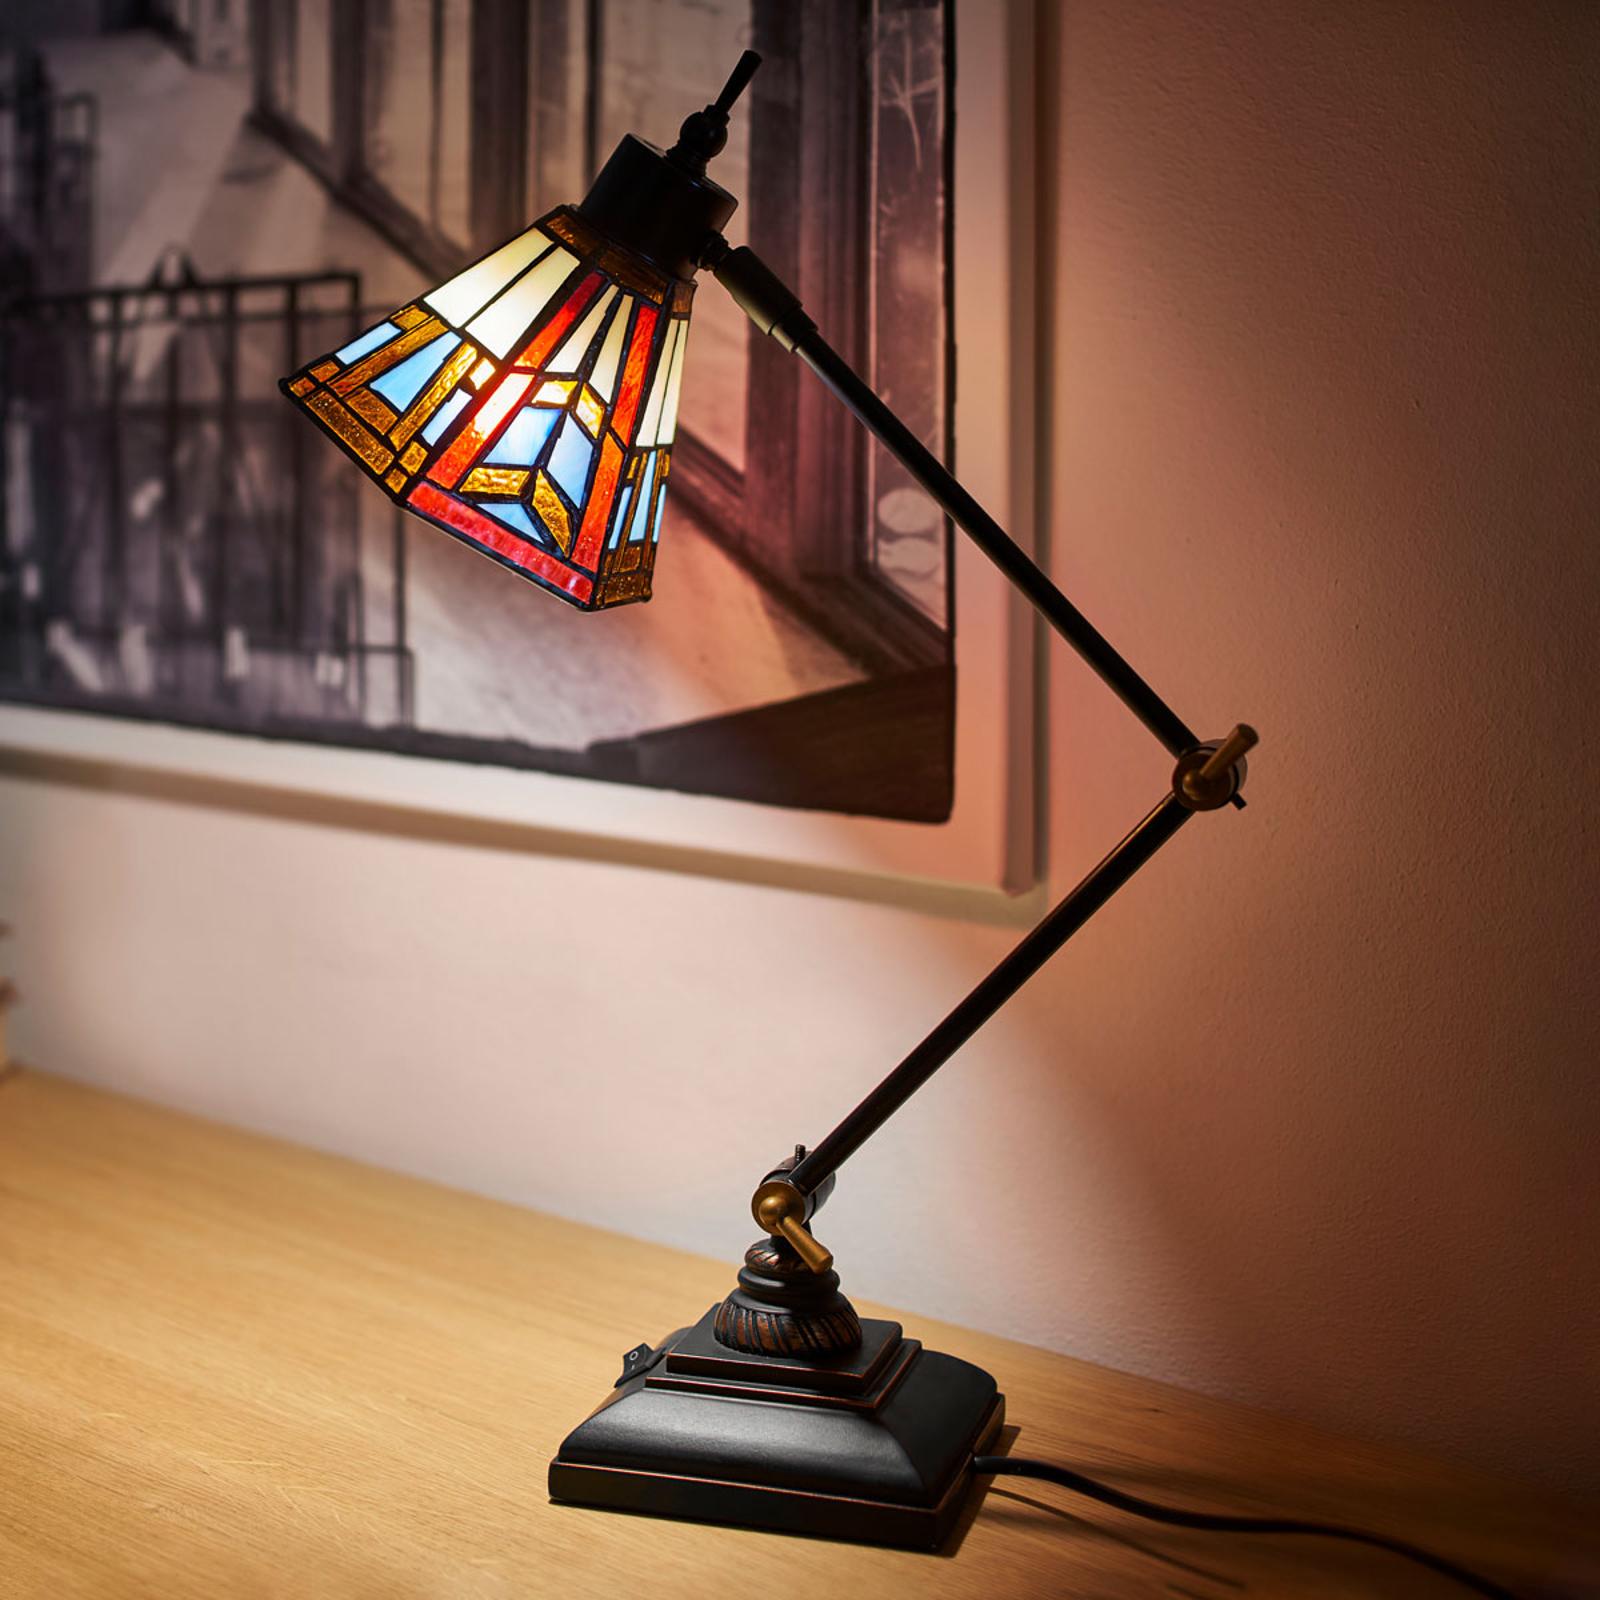 Stolná lampa Lillie_1032025_1